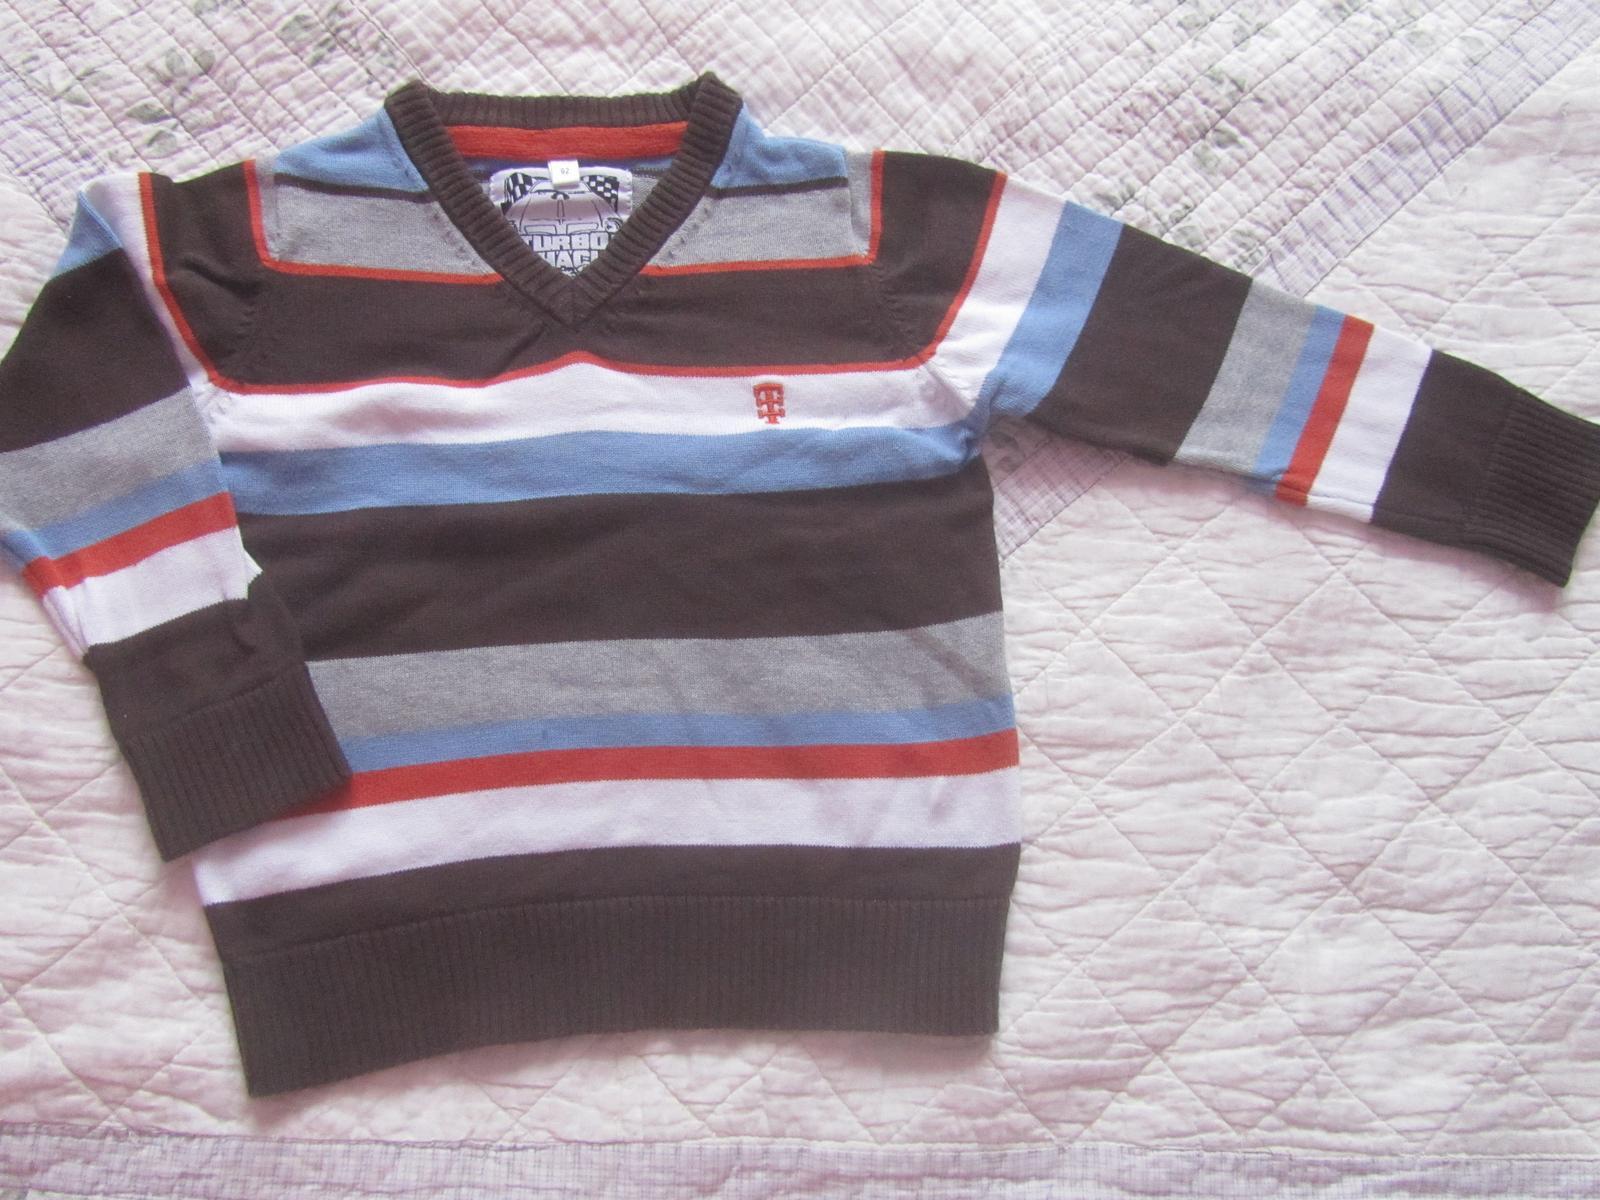 Pasikavy pulover C&A 92 - Obrázok č. 1